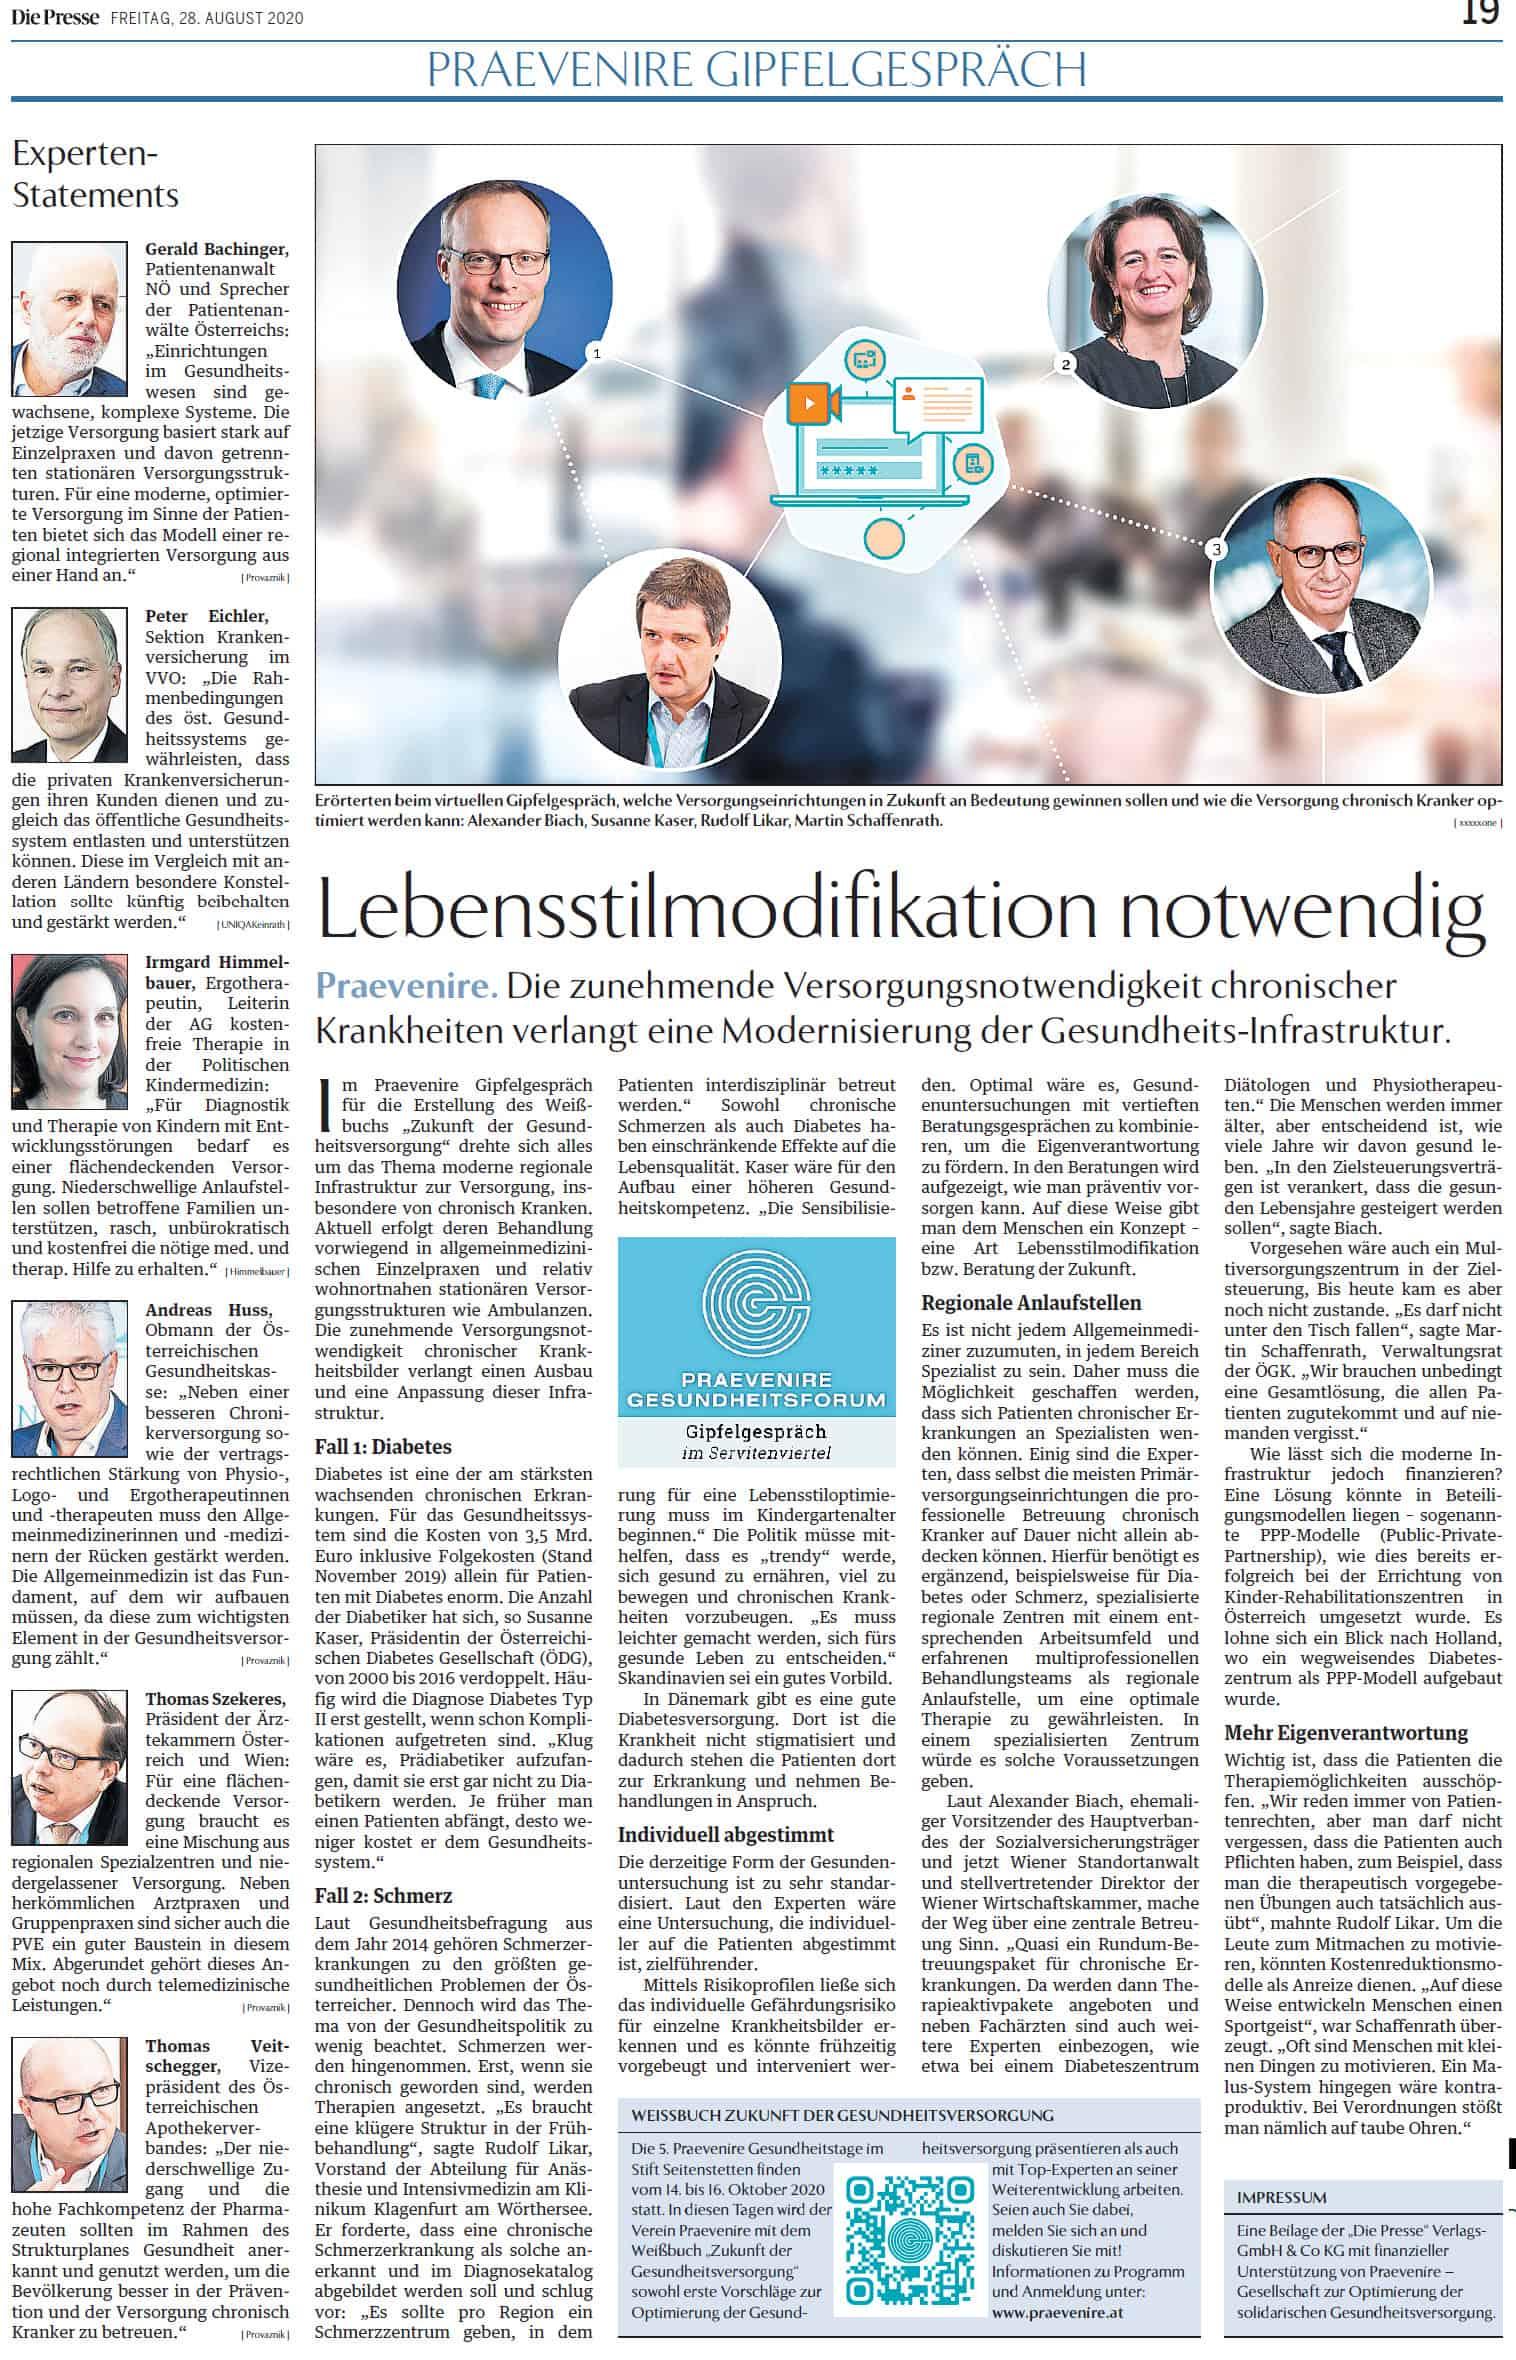 Die Presse, 28. August 2020